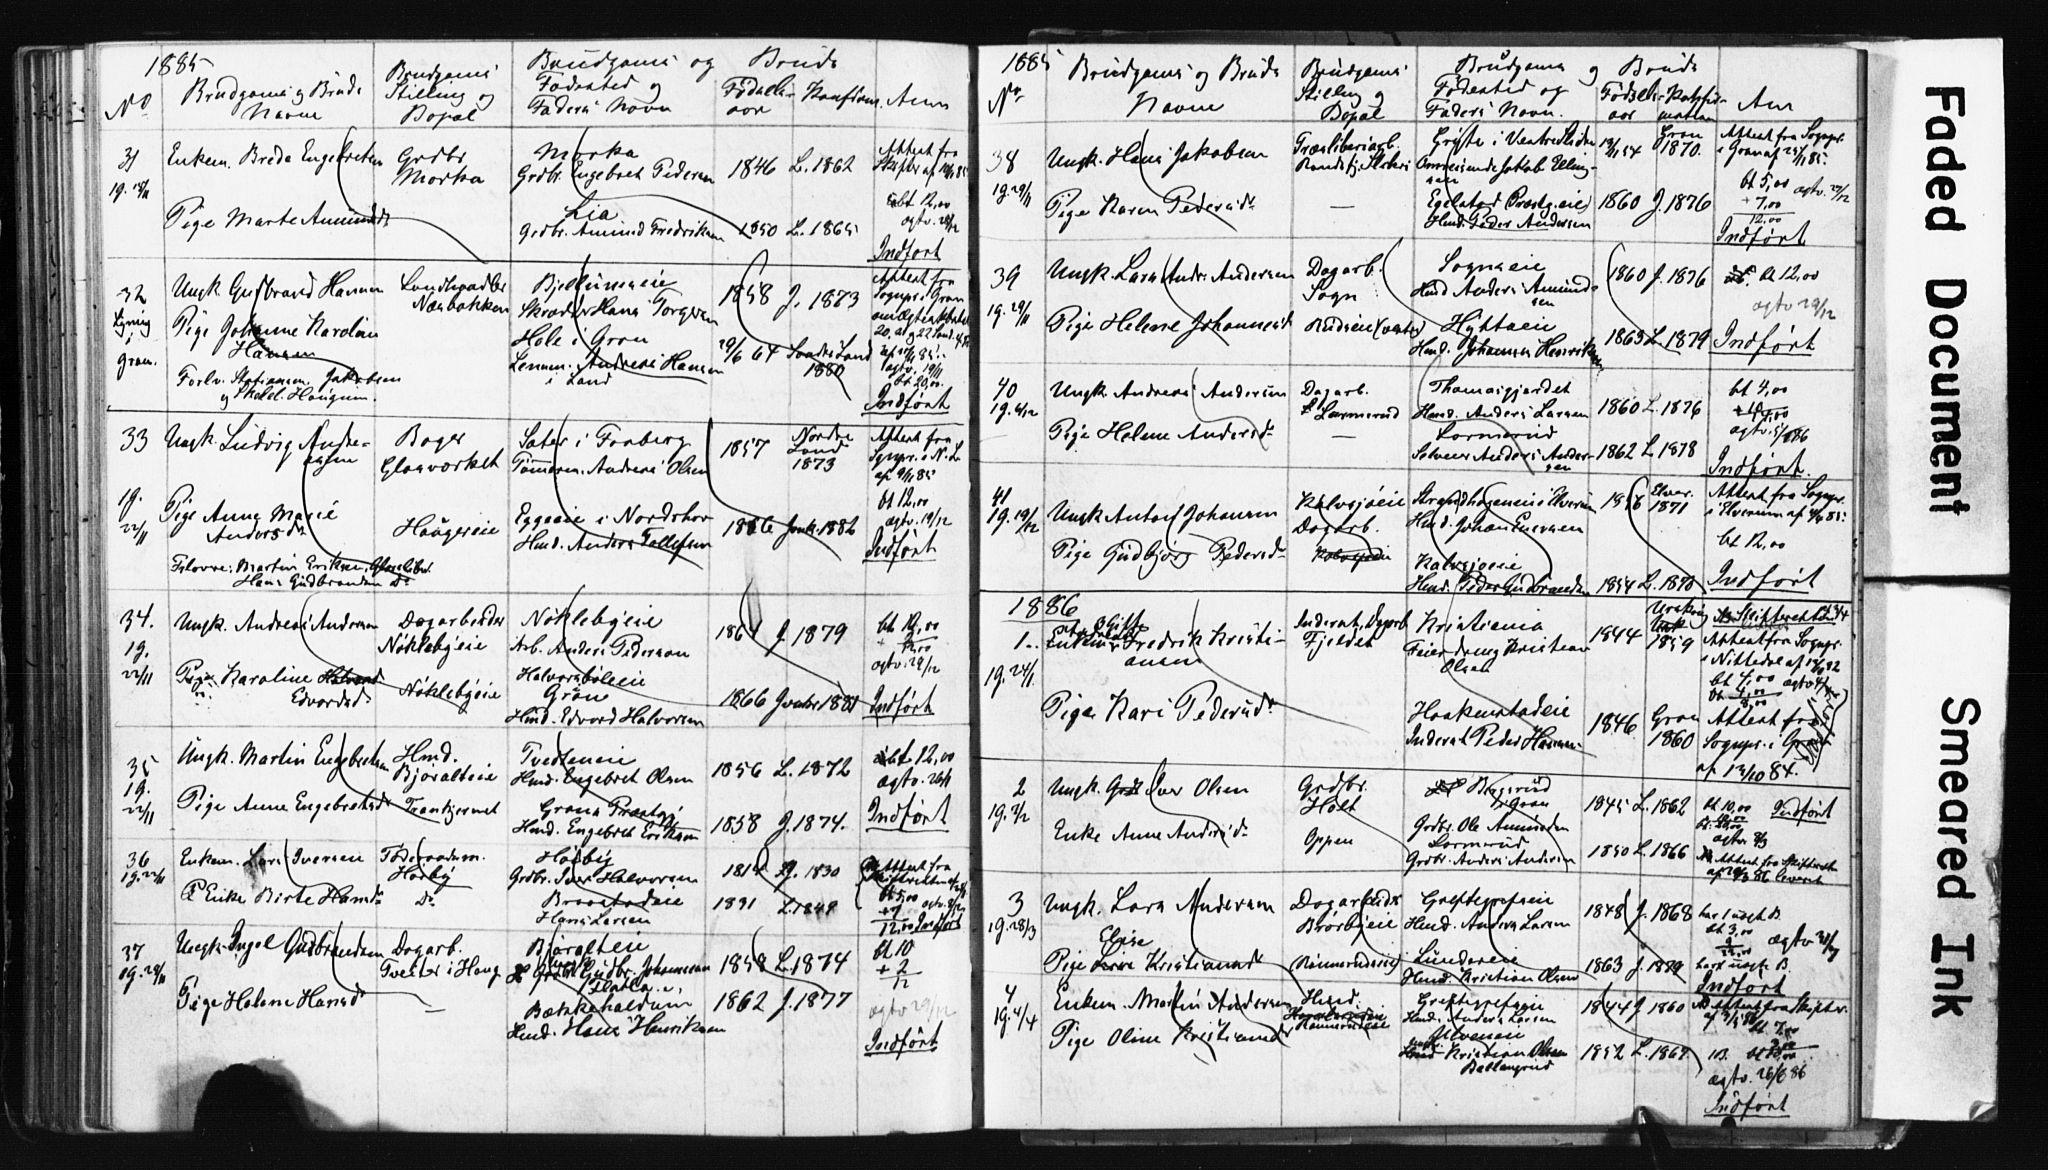 SAH, Jevnaker prestekontor, Lysningsprotokoll nr. 2, 1867-1897